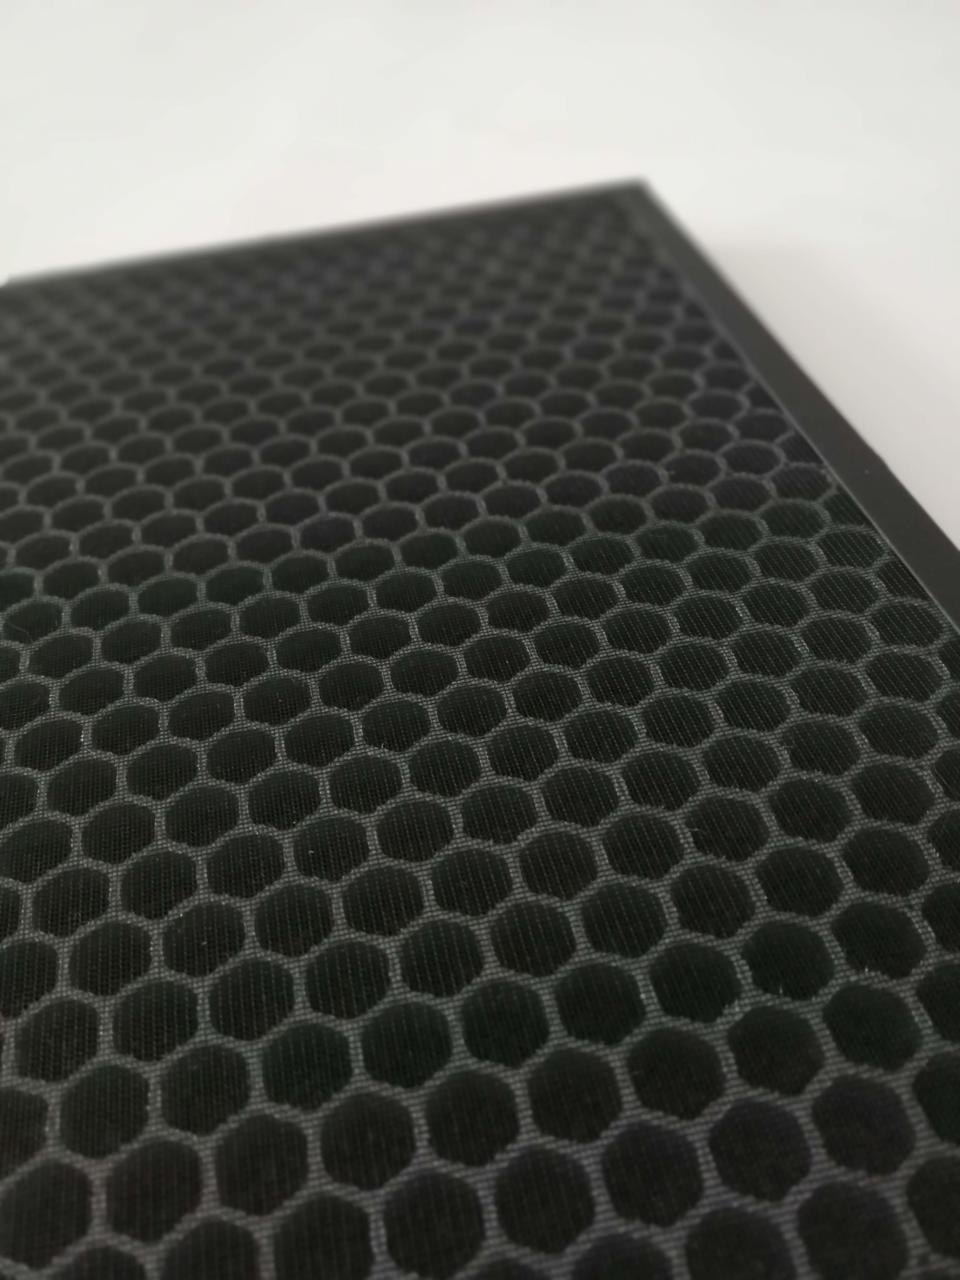 Filtr węglowy do oczyszczacza powietrza